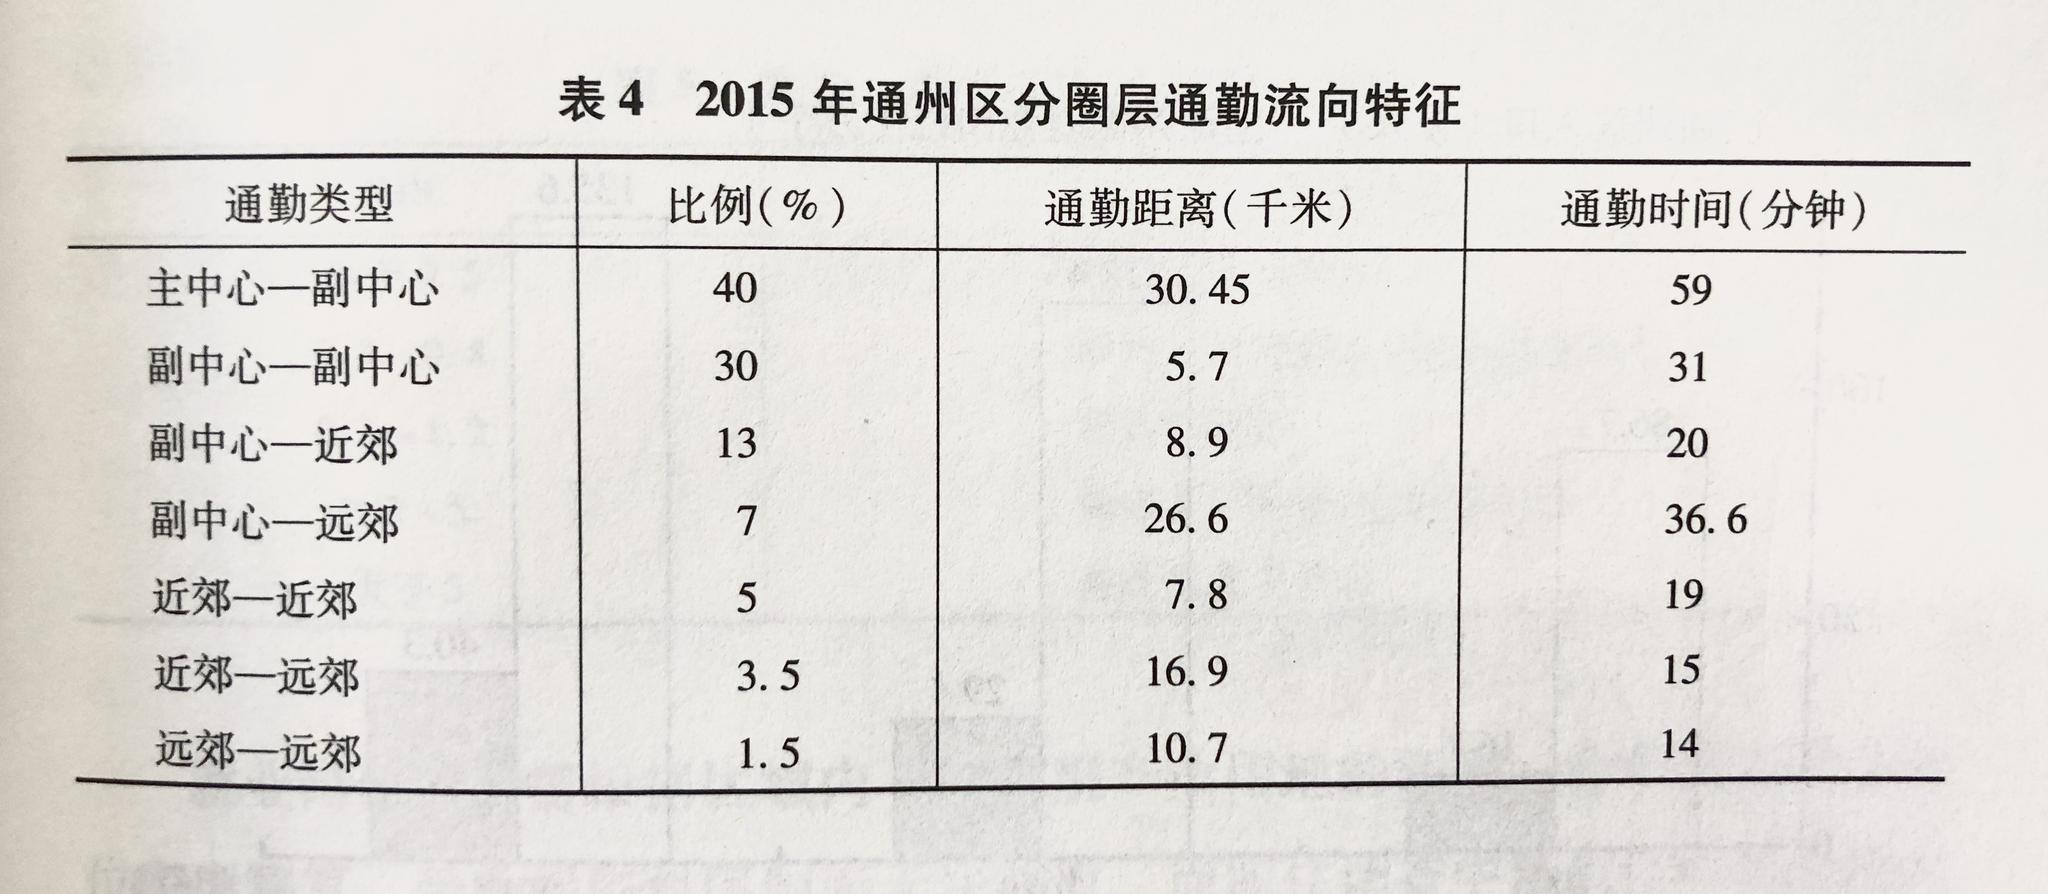 """从外上能够望出,""""主中间—副中间""""与""""副中间-副中间""""之间的通勤流向,占了通州区通勤数目的70%,是通州区通勤的绝对主体。此两项通勤距离相符计只有36.15公里,总通勤时间却达到了90分钟,每公里通勤时间达到2.5分钟。图片来源:《北京人口蓝皮书:北京人口发展钻研通知(2018)》"""